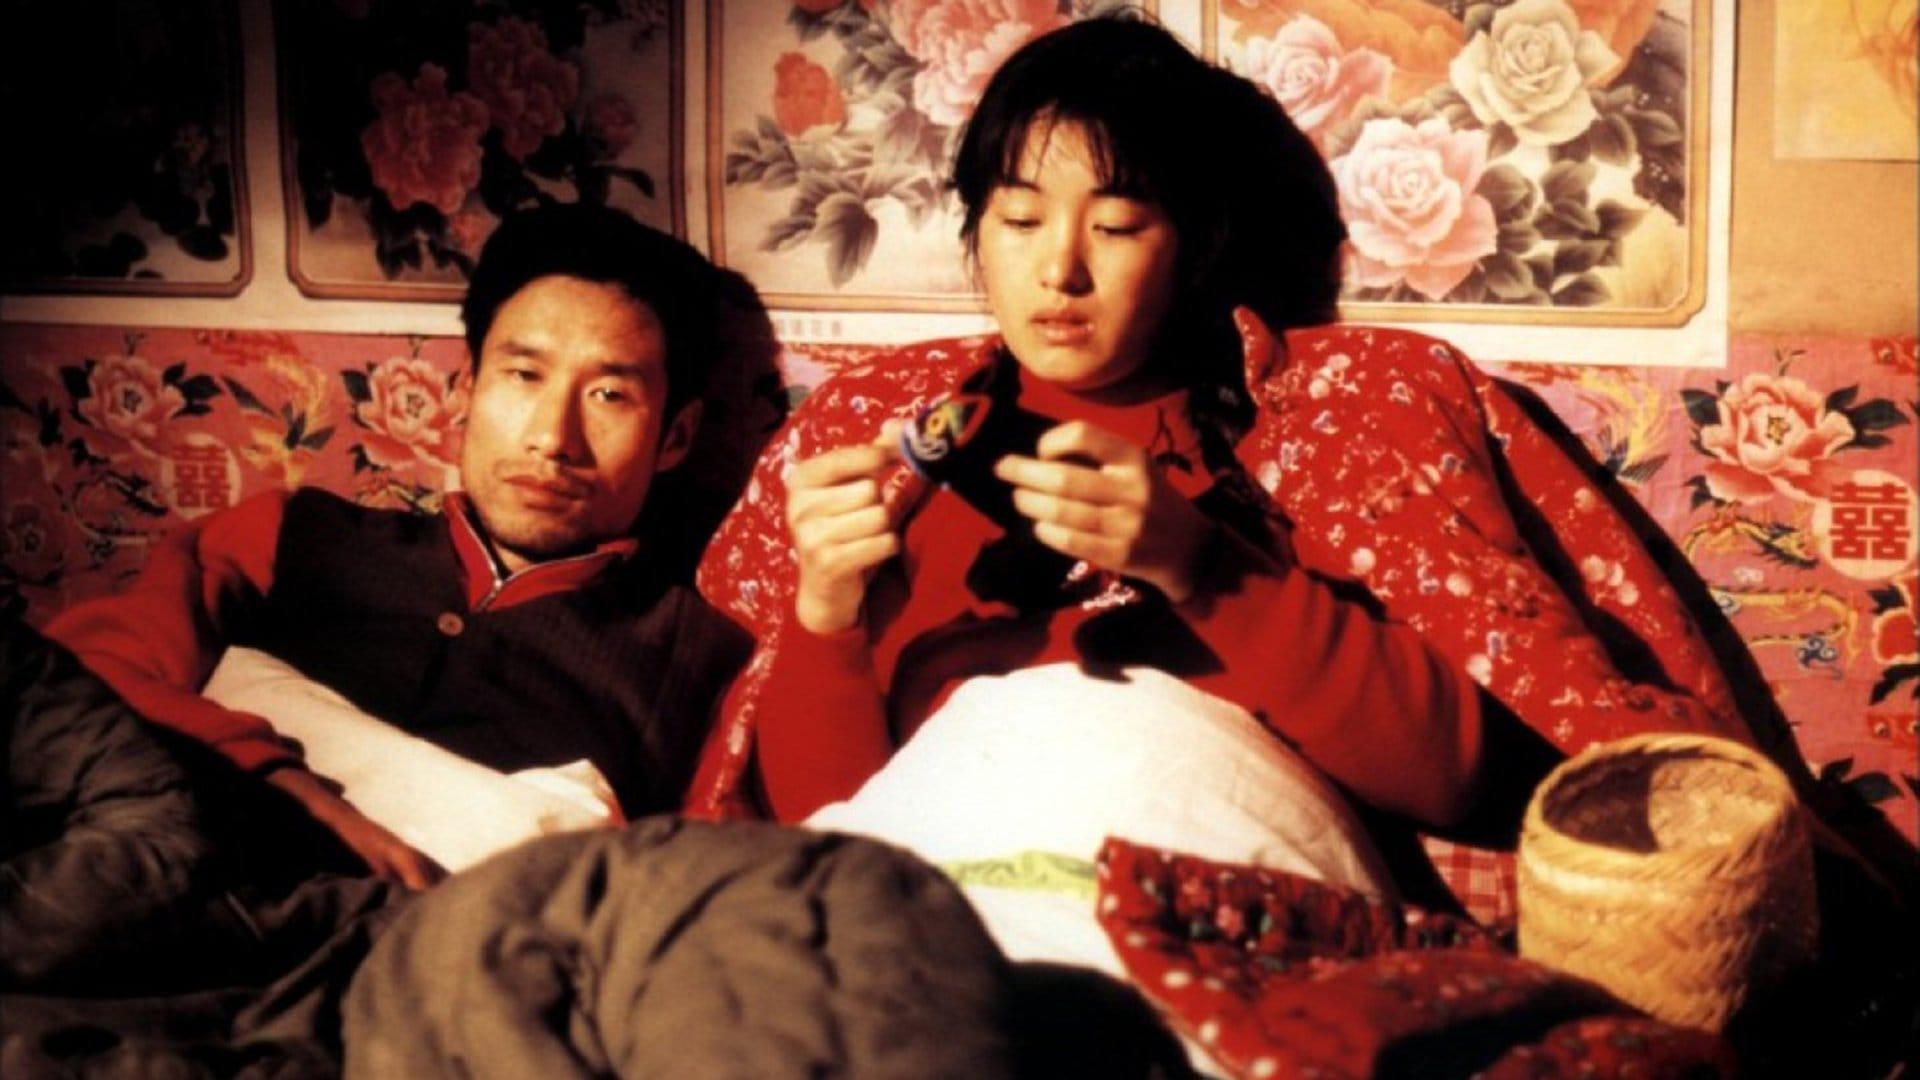 Regarder Qiu Ju une femme chinoise en streaming gratuit